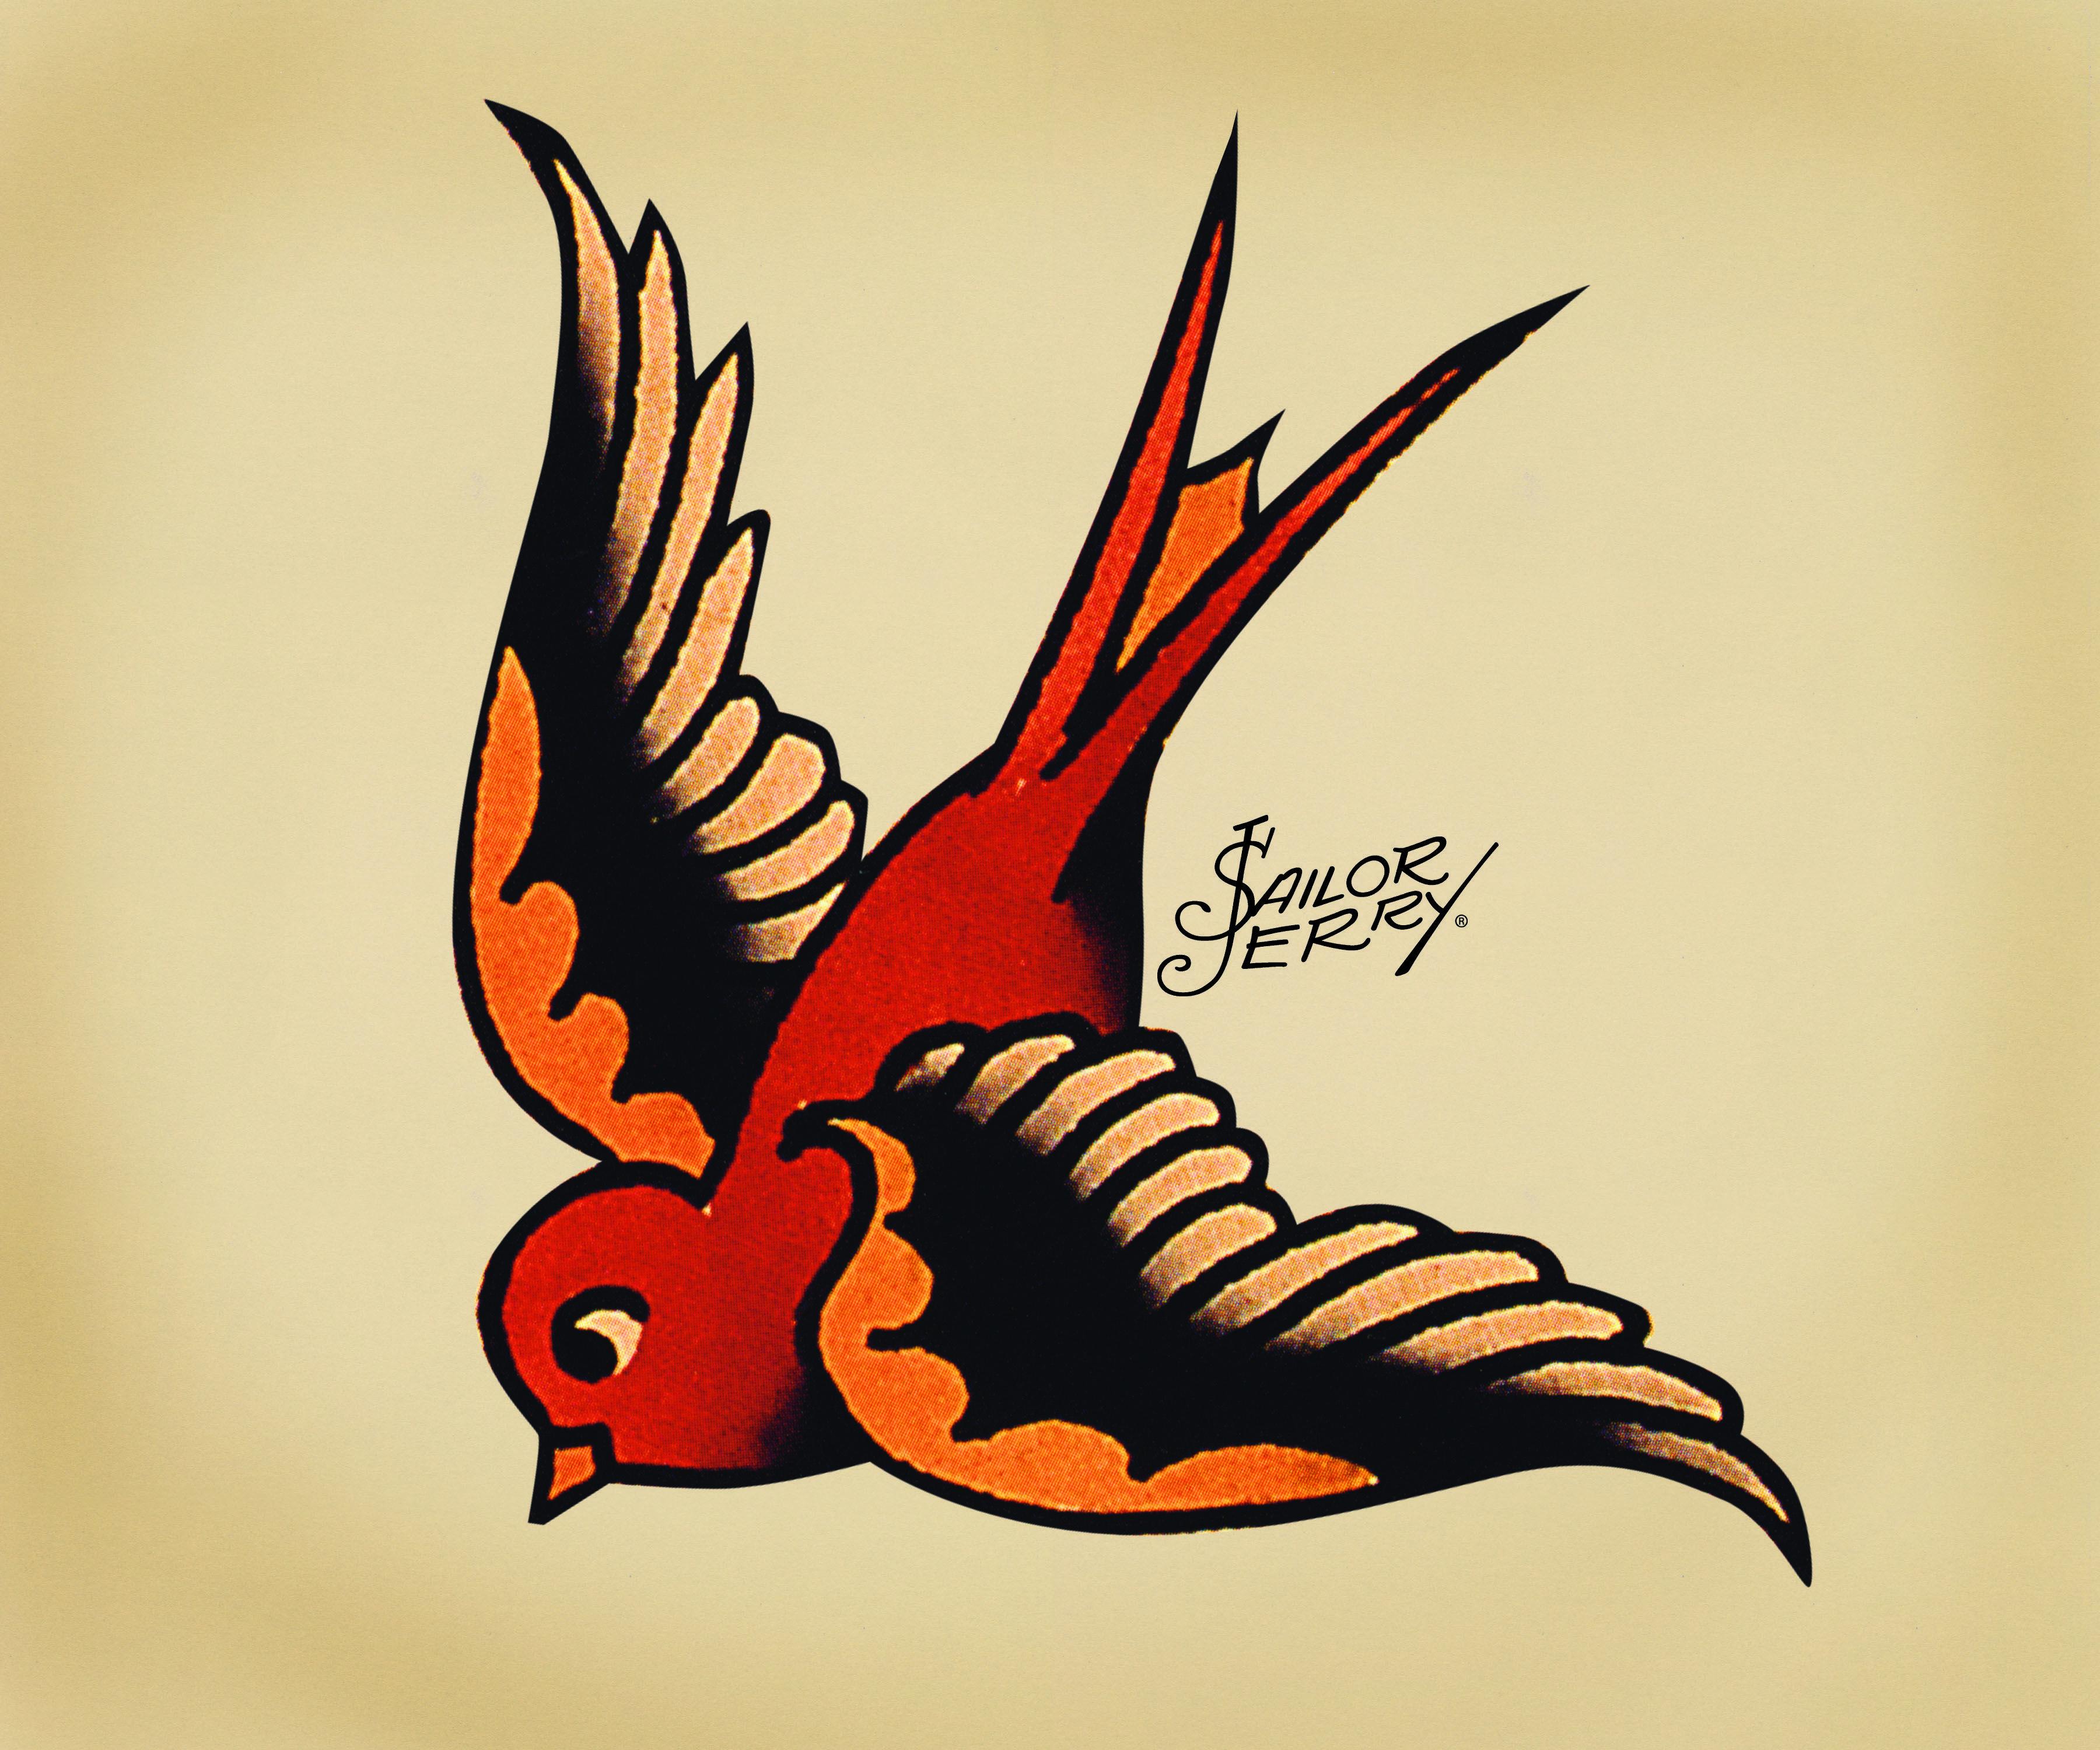 Sailor Jerry Swallow Sparrow tattoo, Sailor jerry